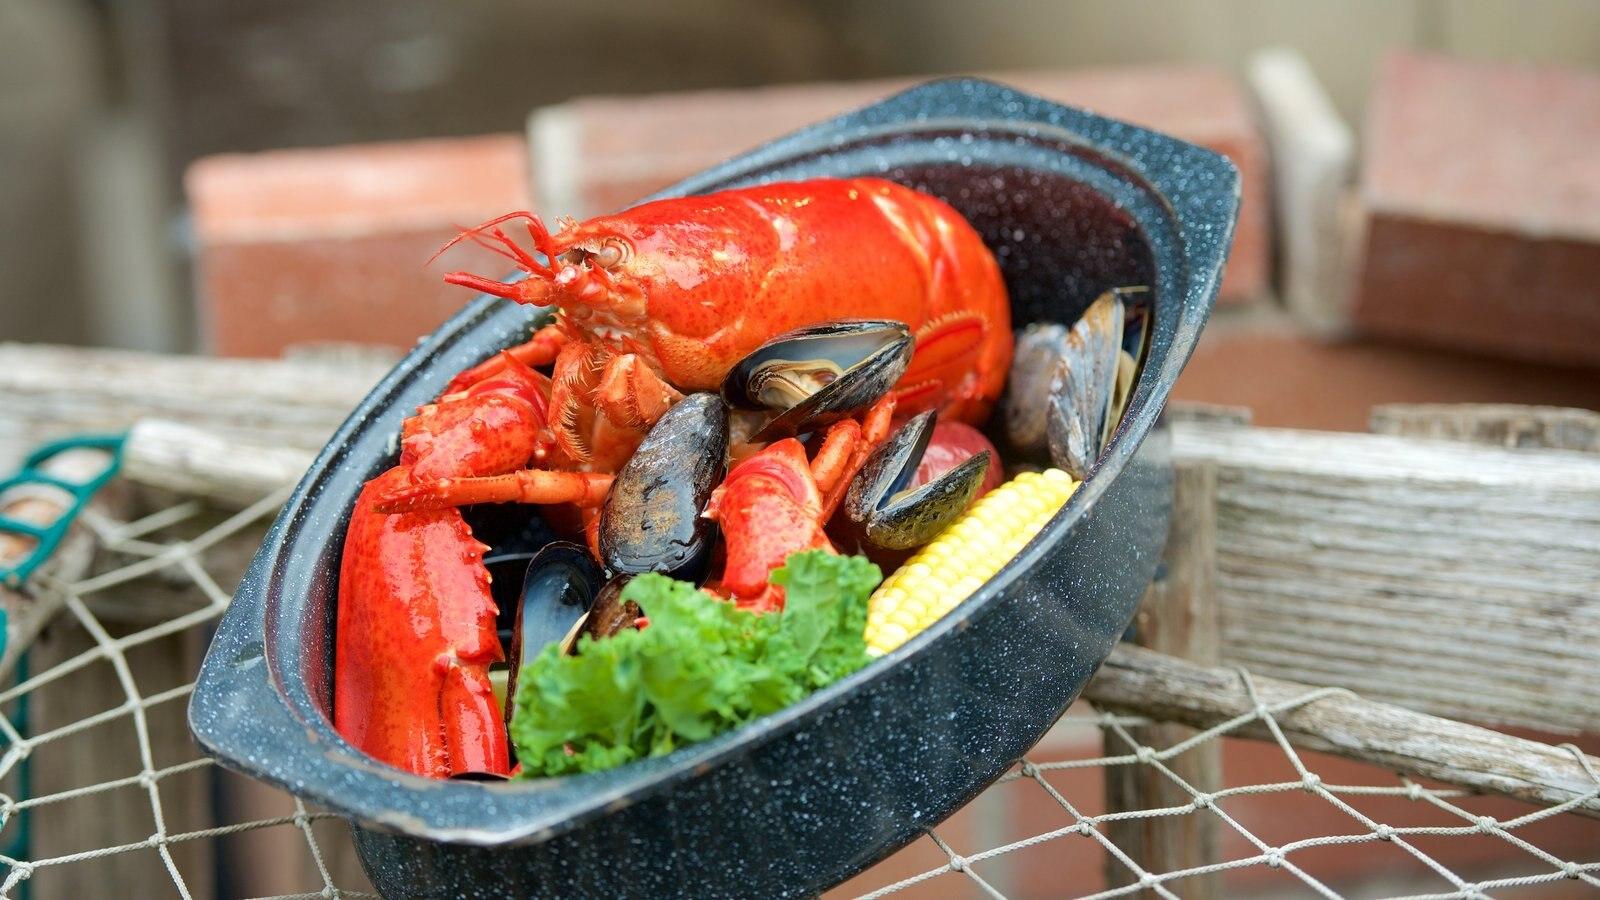 Parque Nacional Acadia ofreciendo comida